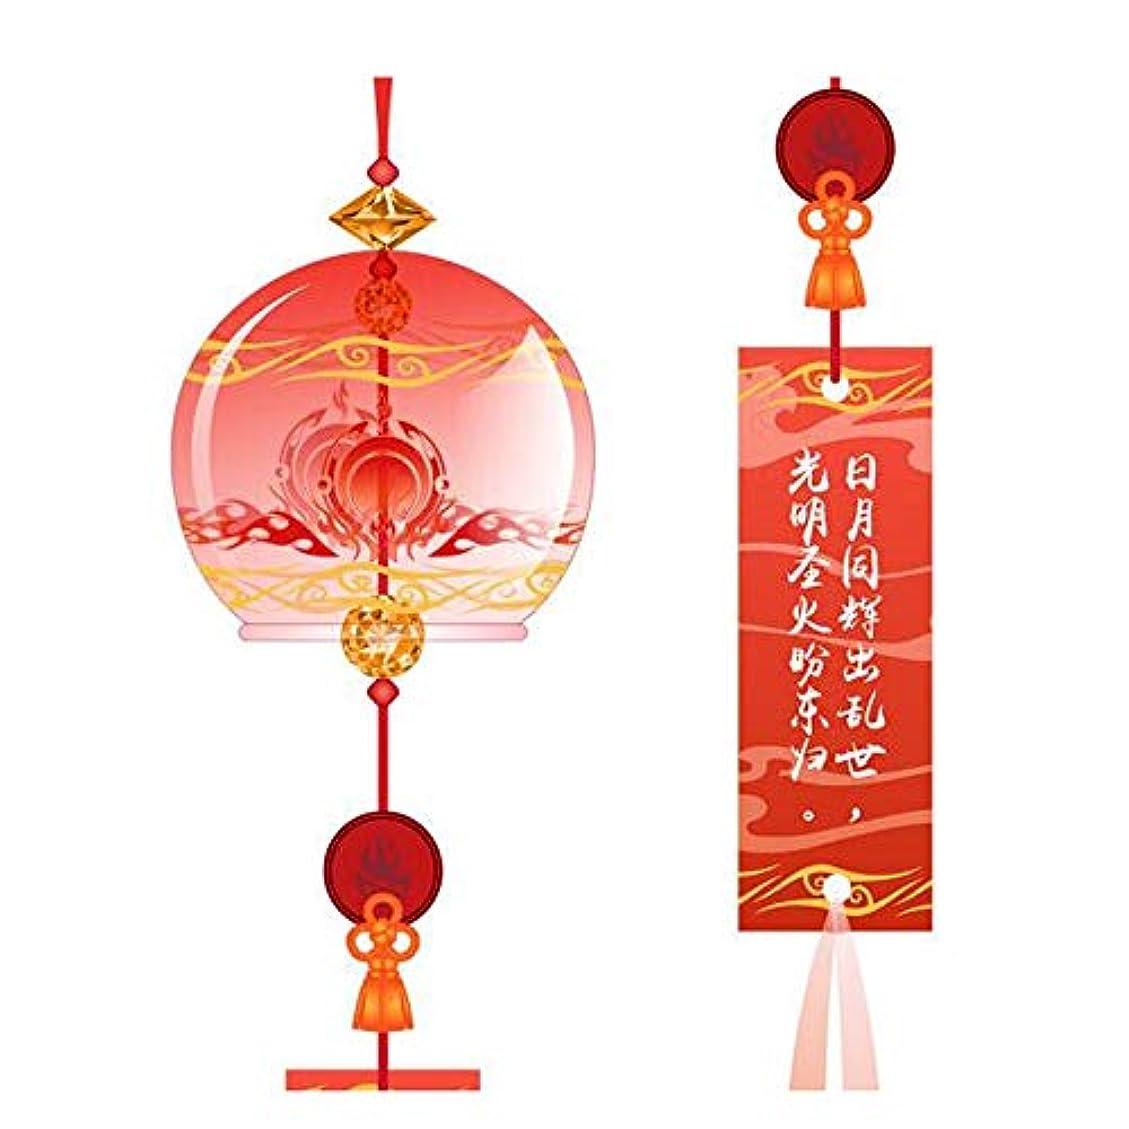 抜け目がない変更可能まっすぐにするJielongtongxun 風チャイム、クリスタルクリアガラスの風チャイム、グリーン、全身について31センチメートル,絶妙な飾り (Color : Red-B)